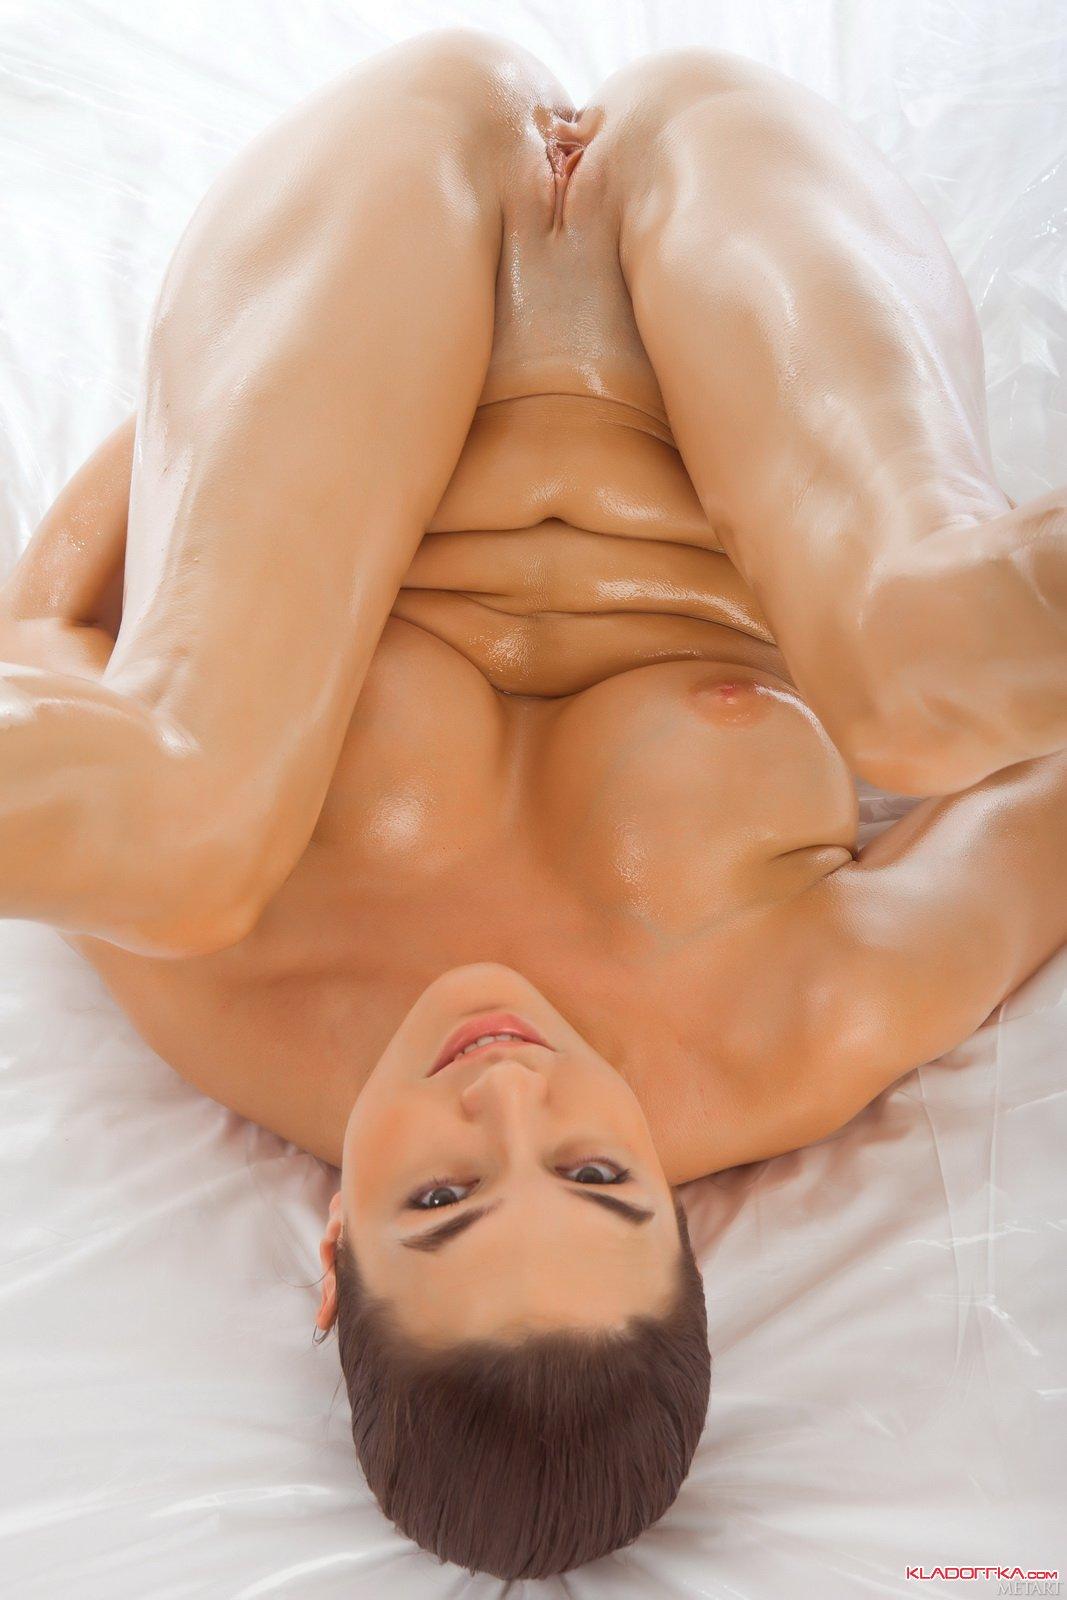 Oily Naked Women